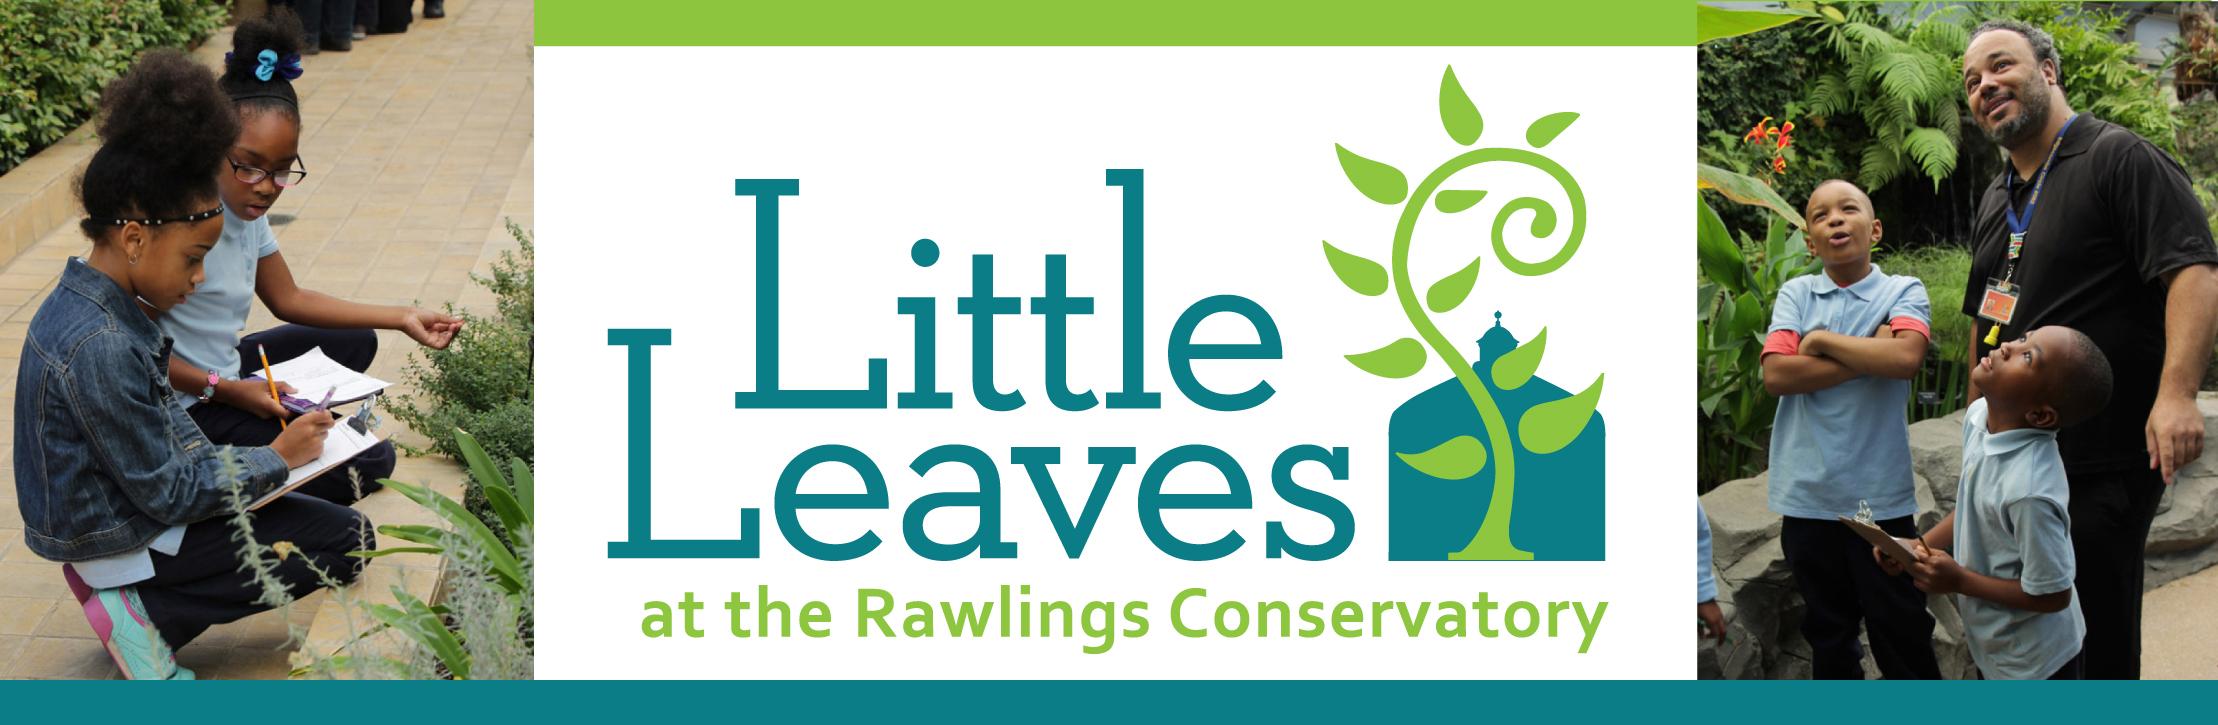 little-leaves-header